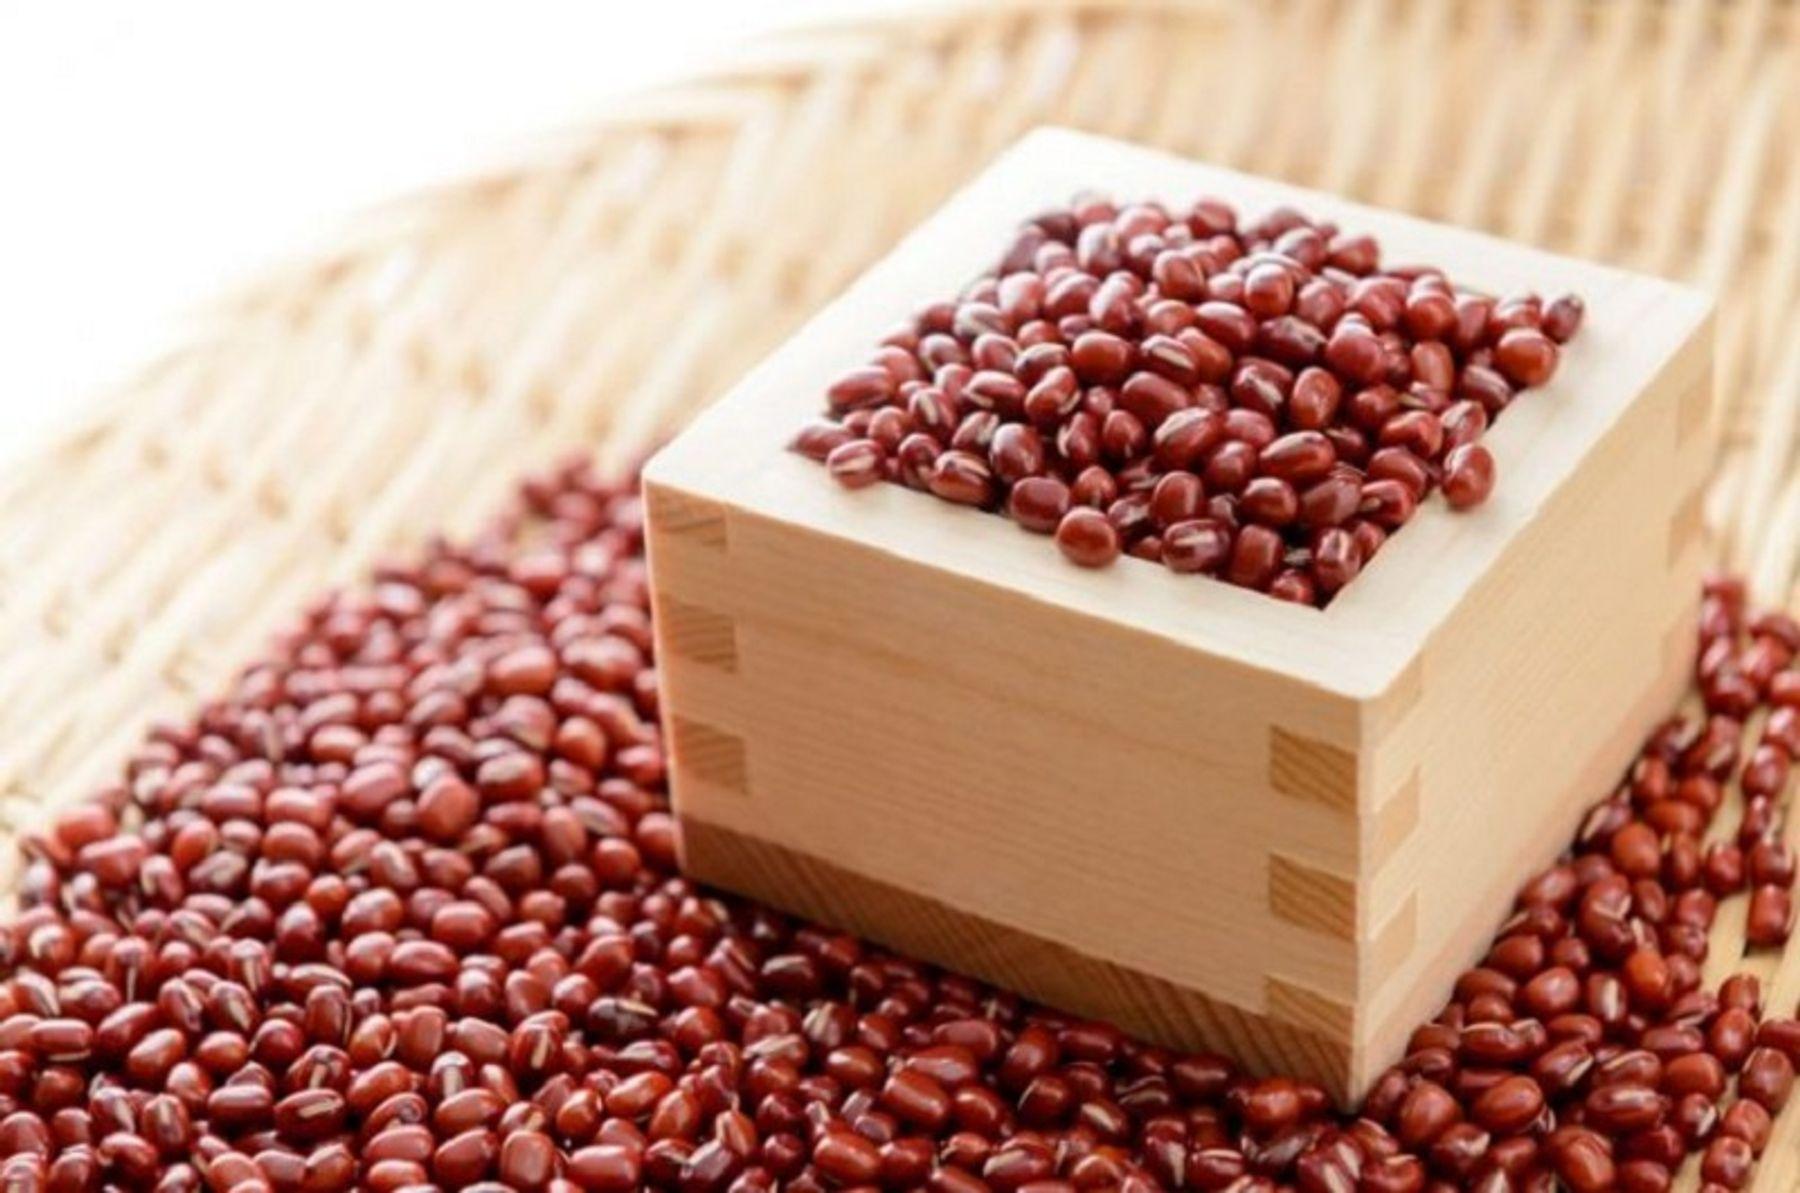 bí quyết làm đẹp với đậu đỏ